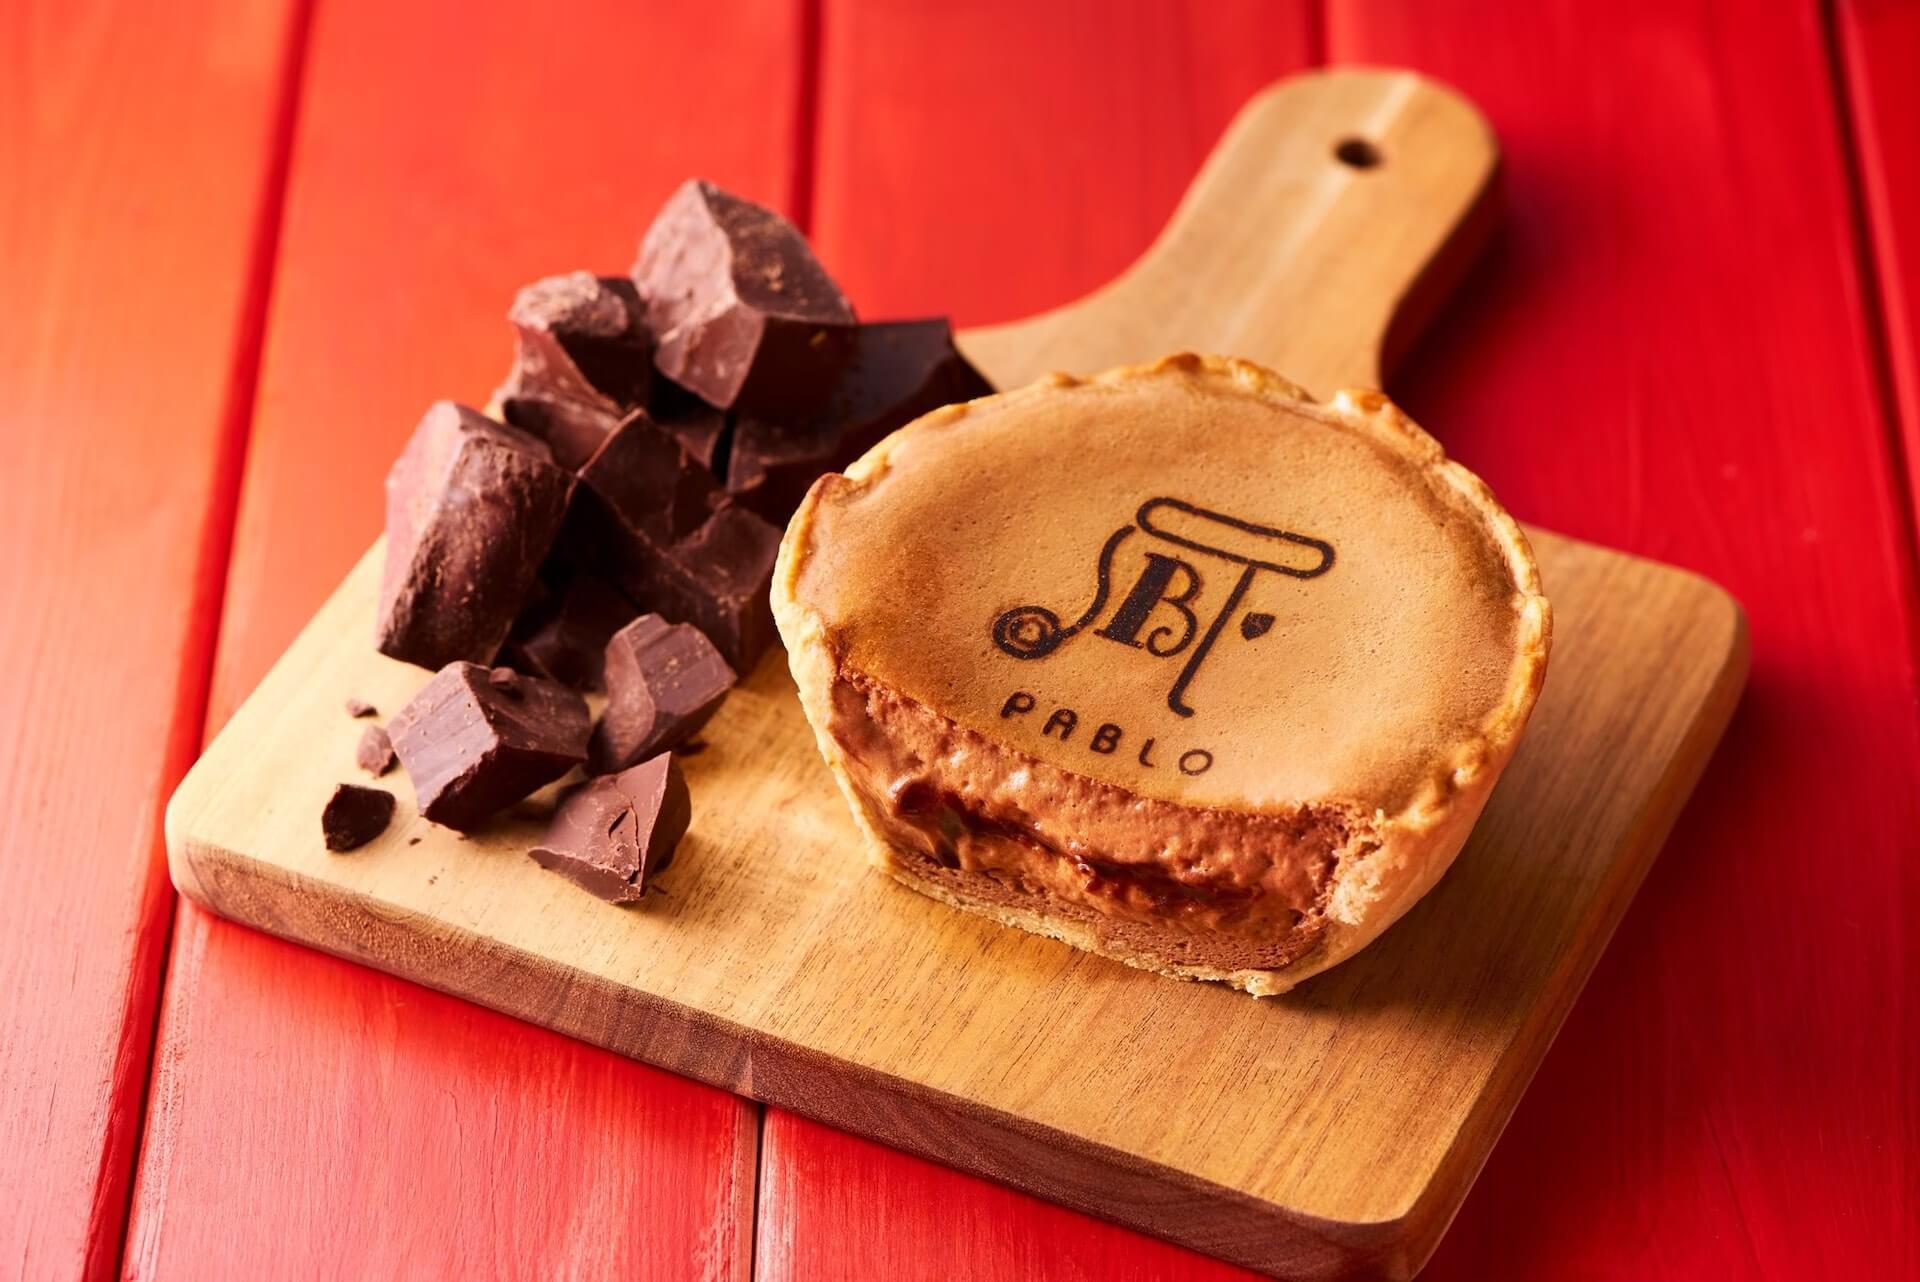 ワンコインで楽しめる新作チーズタルトがPABLOから登場!『白桃とヨーグルト』&『チョコレート』が小さなサイズに gourmet200420_pablo_01